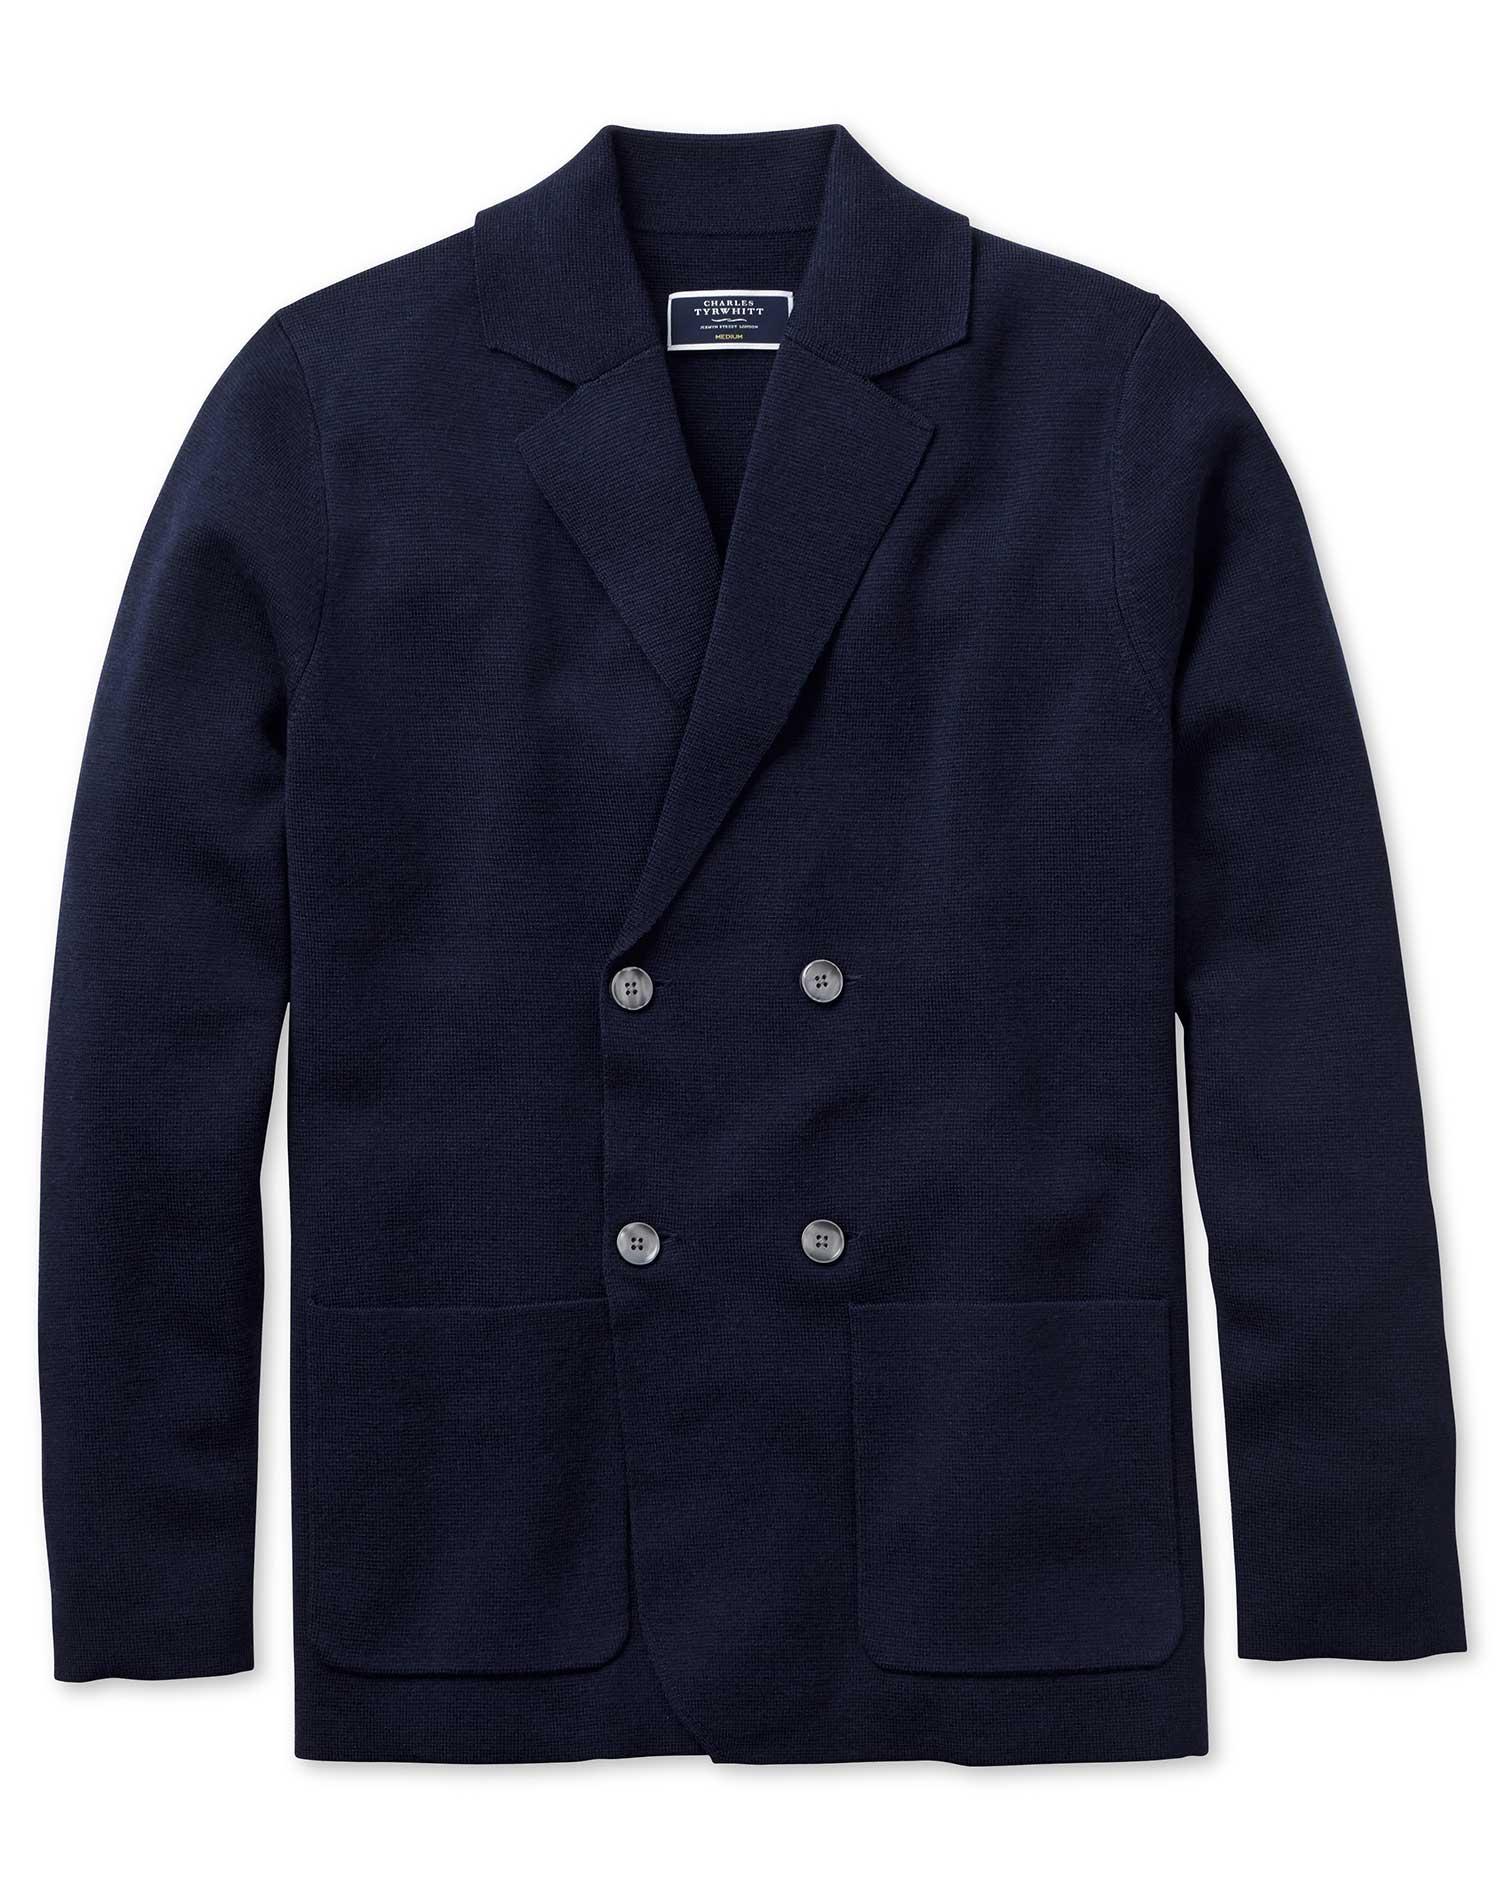 Navy Merino Wool Waistcoat Charles Tyrwhitt